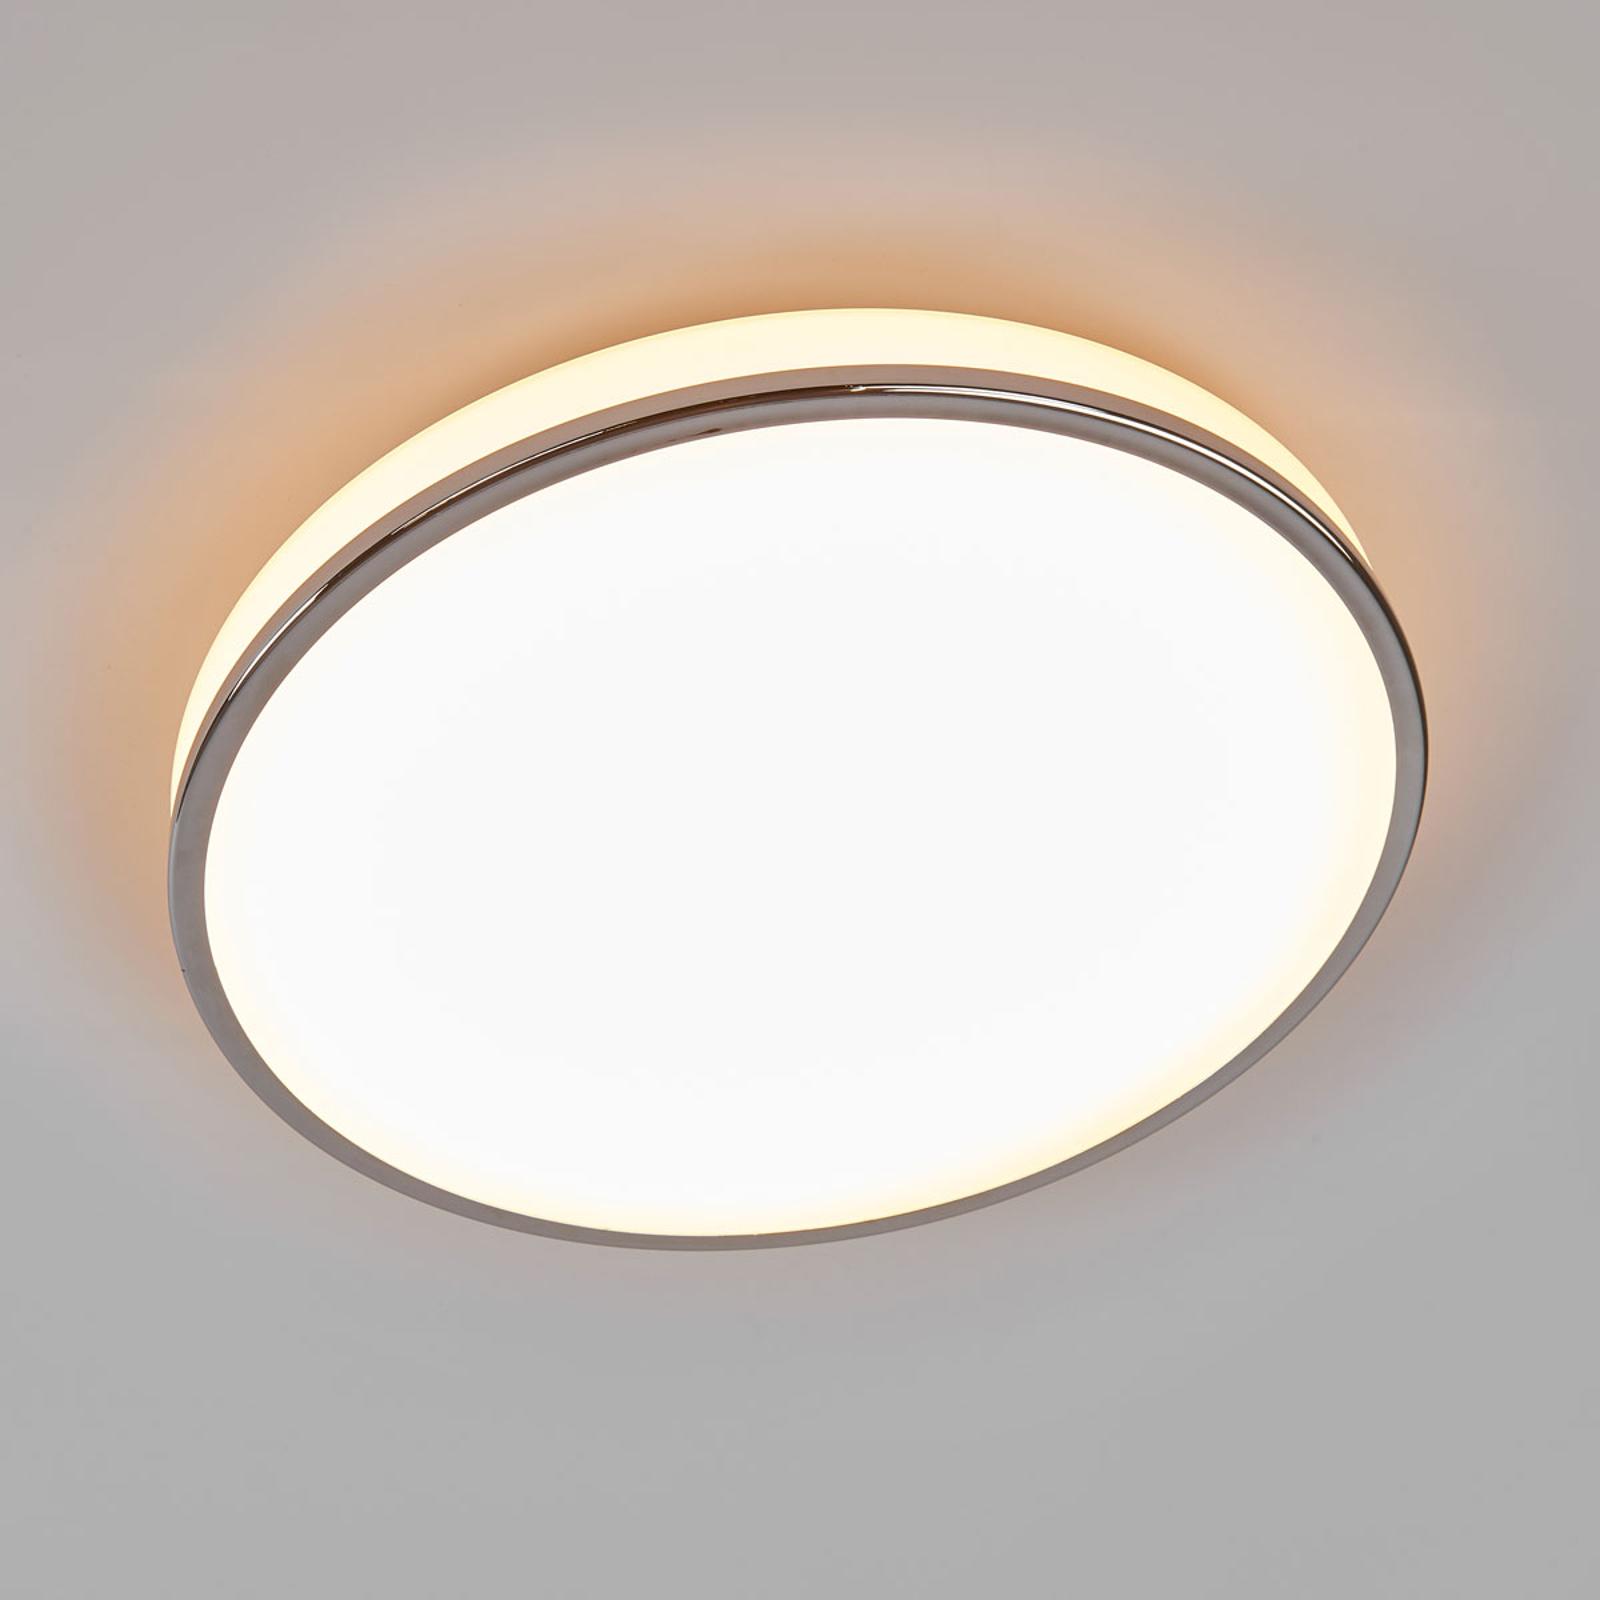 Koupelnové svítidlo Lyss, LED a dobrá svítivost